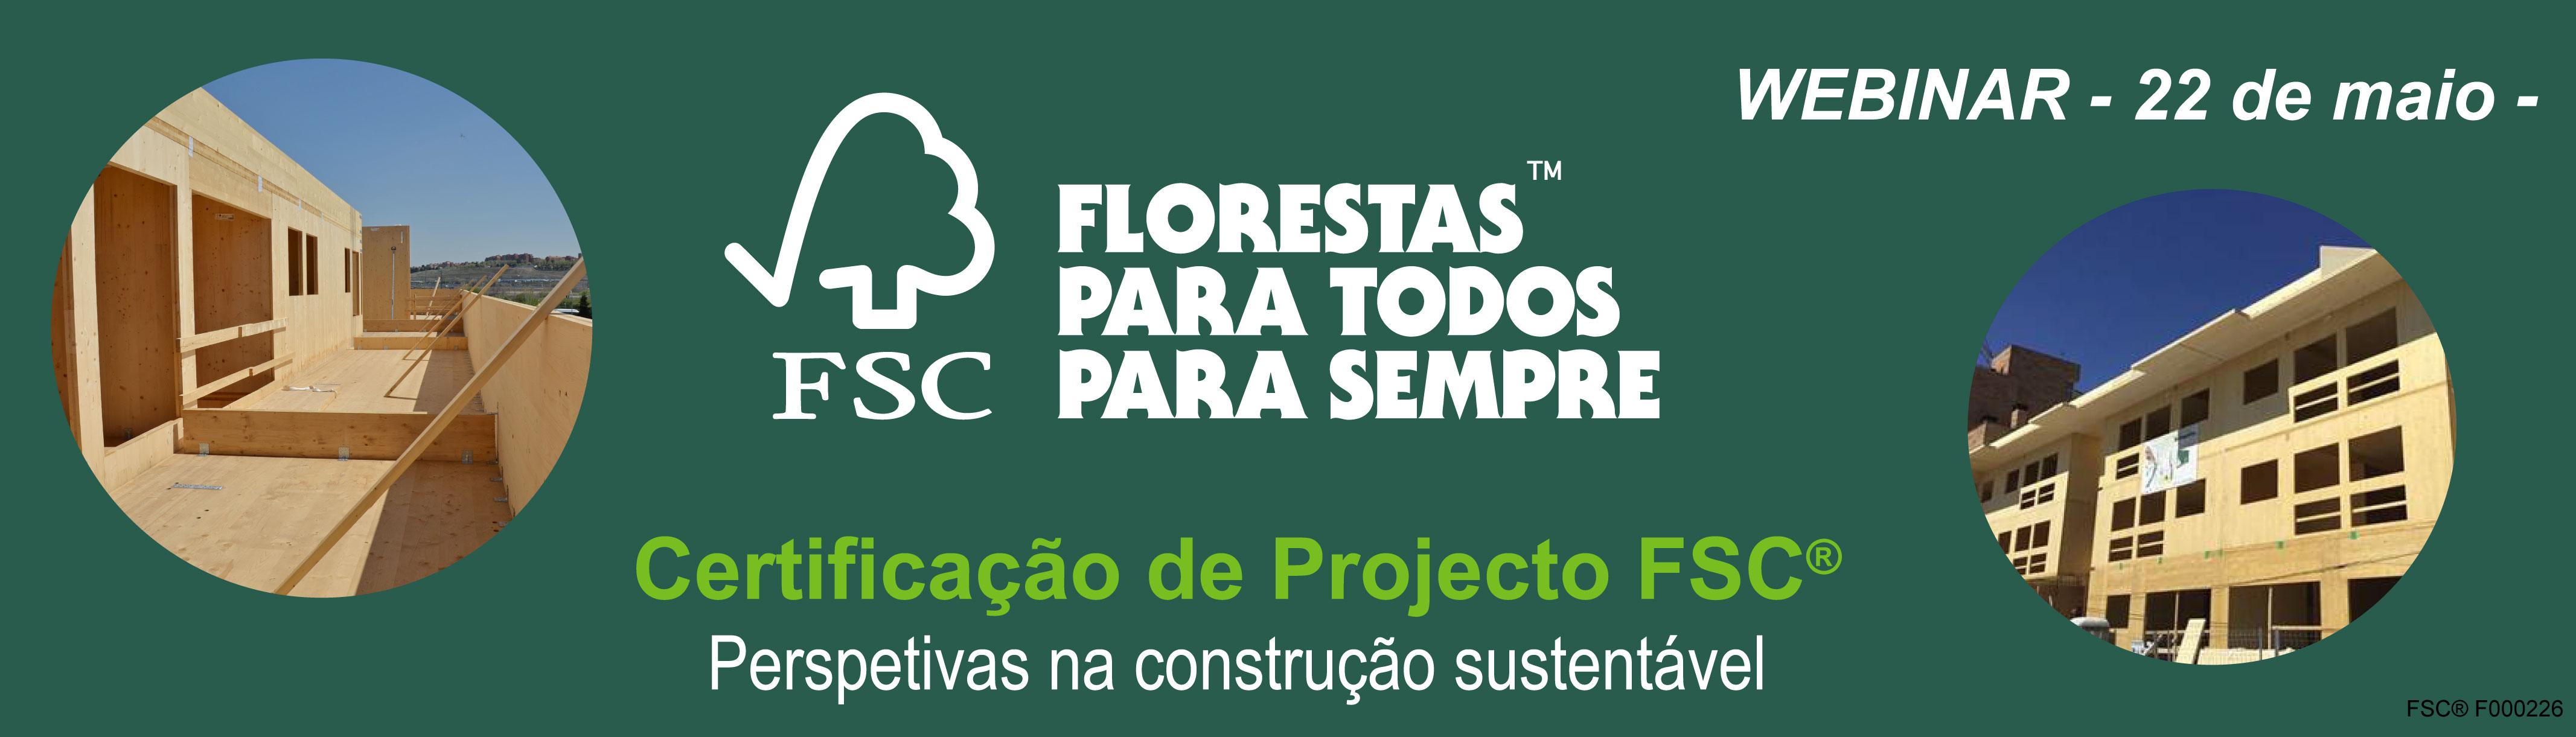 WEBINAR Certificação de Projecto FSC® - Perspetivas na Construção Sustentável